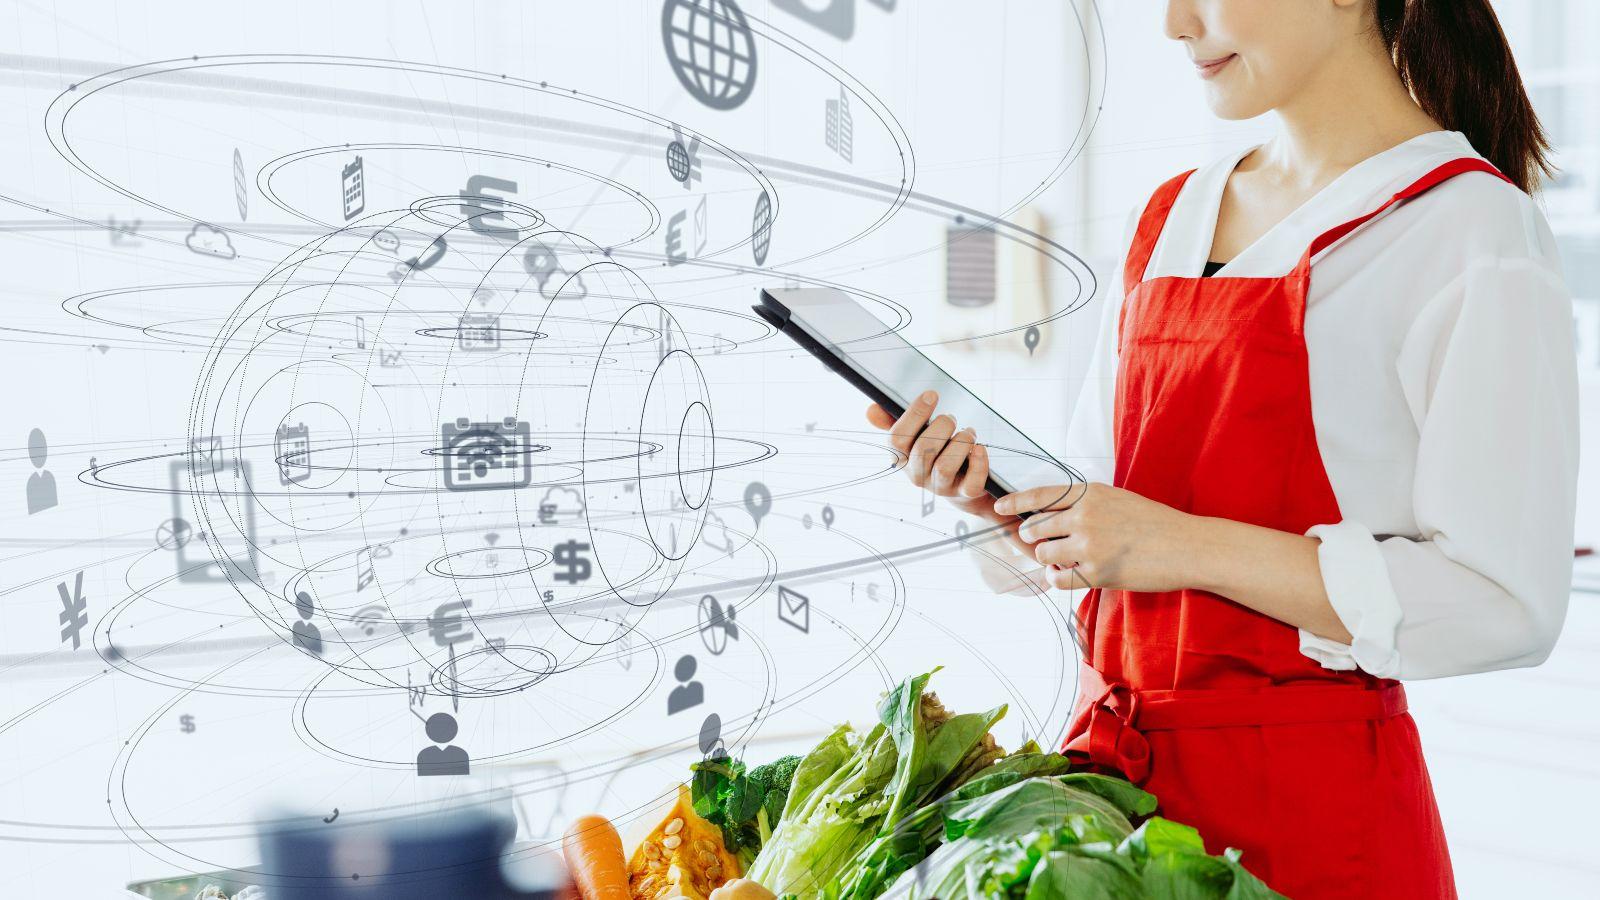 Eine Frau mit einer roten Schürze steht in der Küche und hält ein Tablet. Vor ihr liegt frisches Gemüse. Im Raum schweben diverse illustrierte Piktogramm um eine skizzierte Kugel.